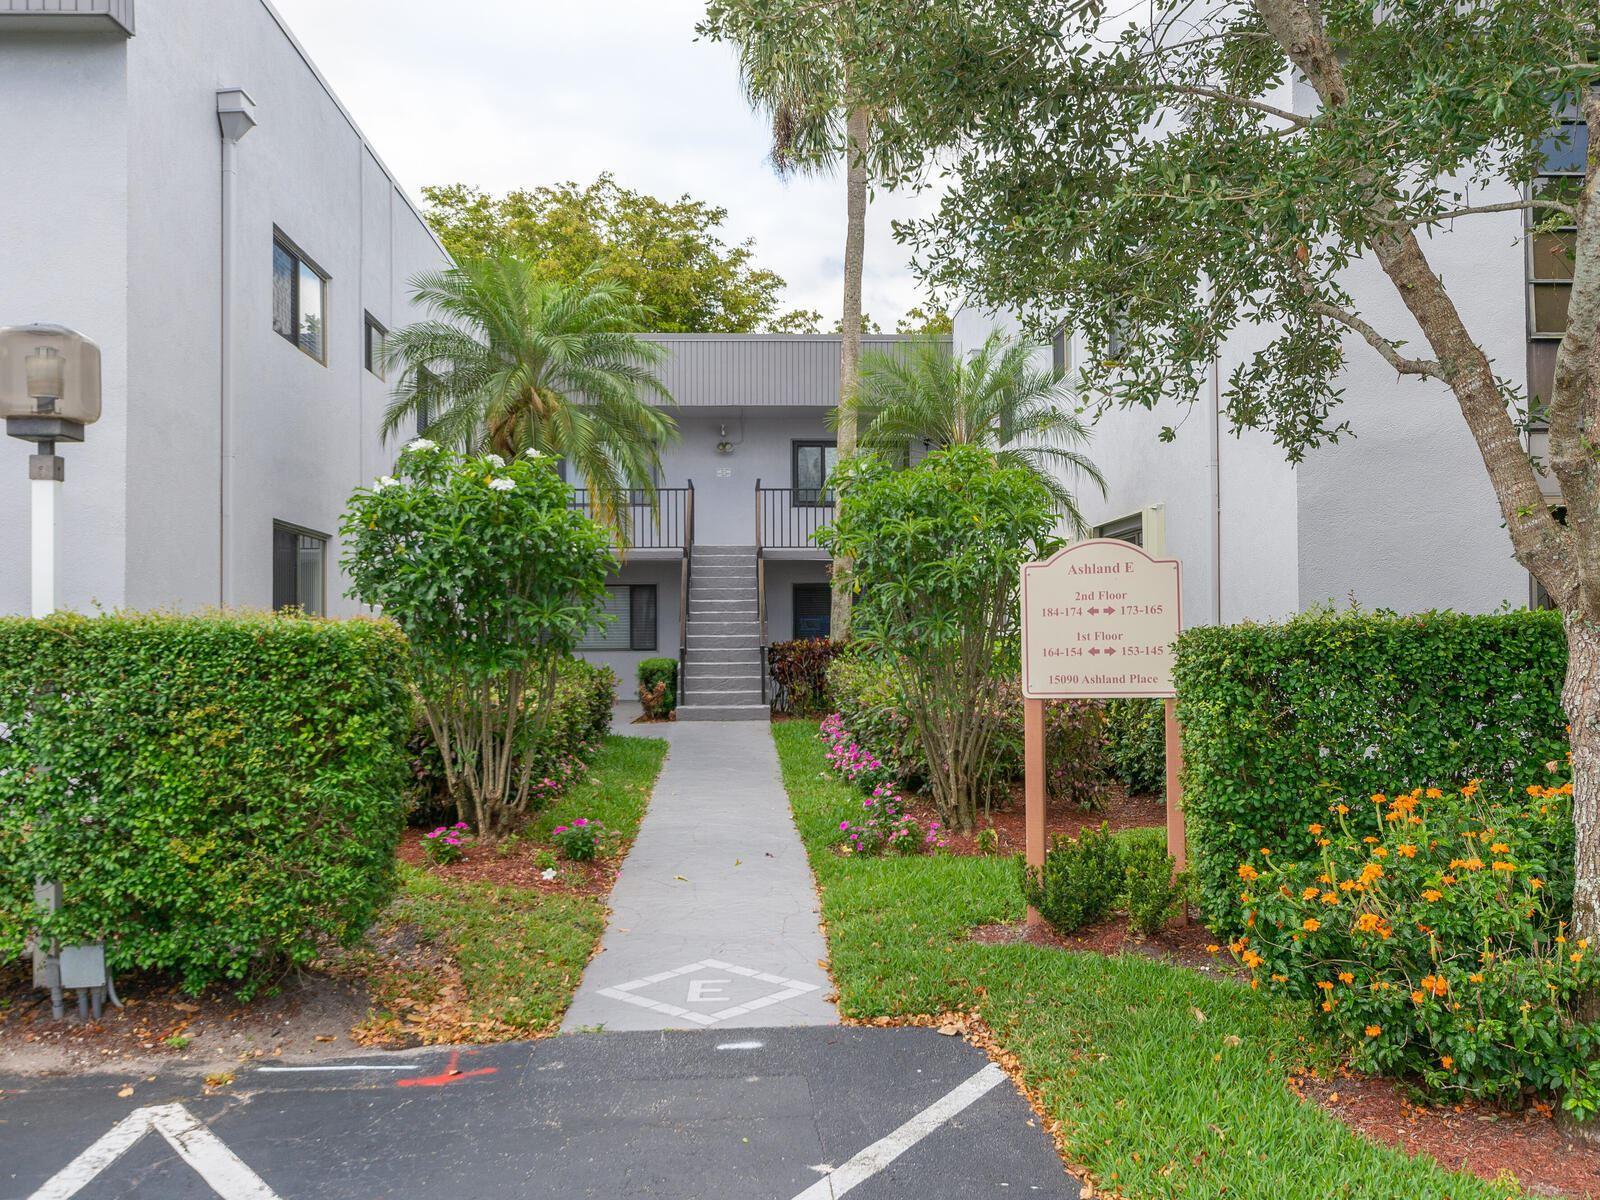 15090 Ashland Place #E-149, Delray Beach, FL 33484 - MLS#: RX-10712363